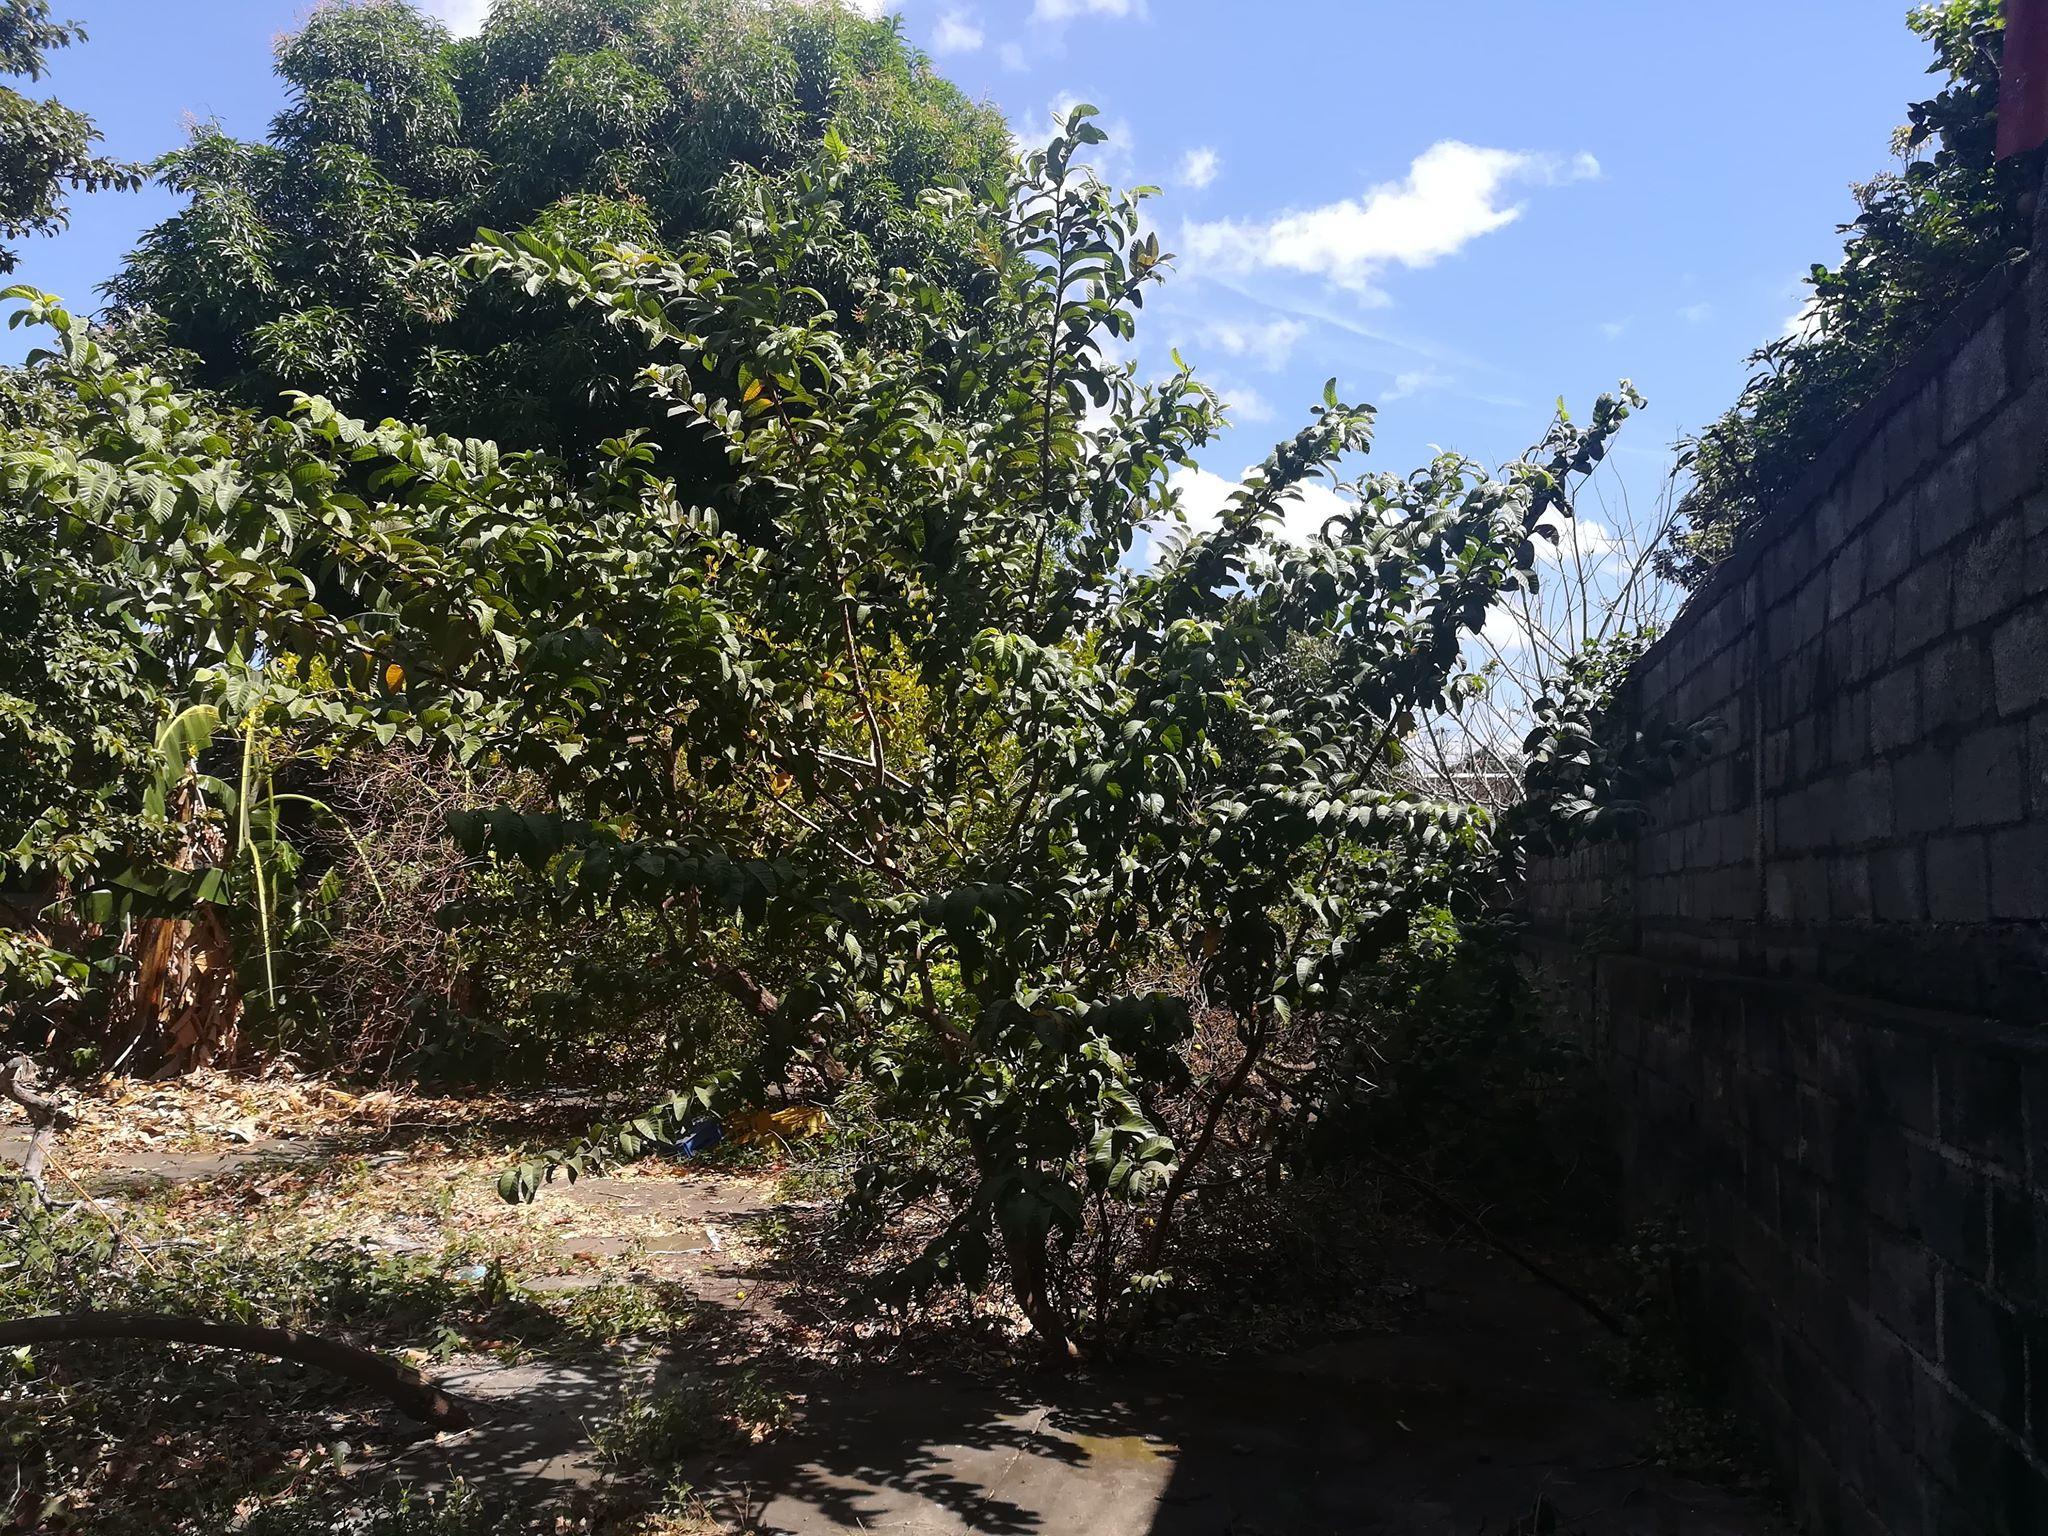 monseñor-lezcano-kmc-bienes-raices-13736543 (11)